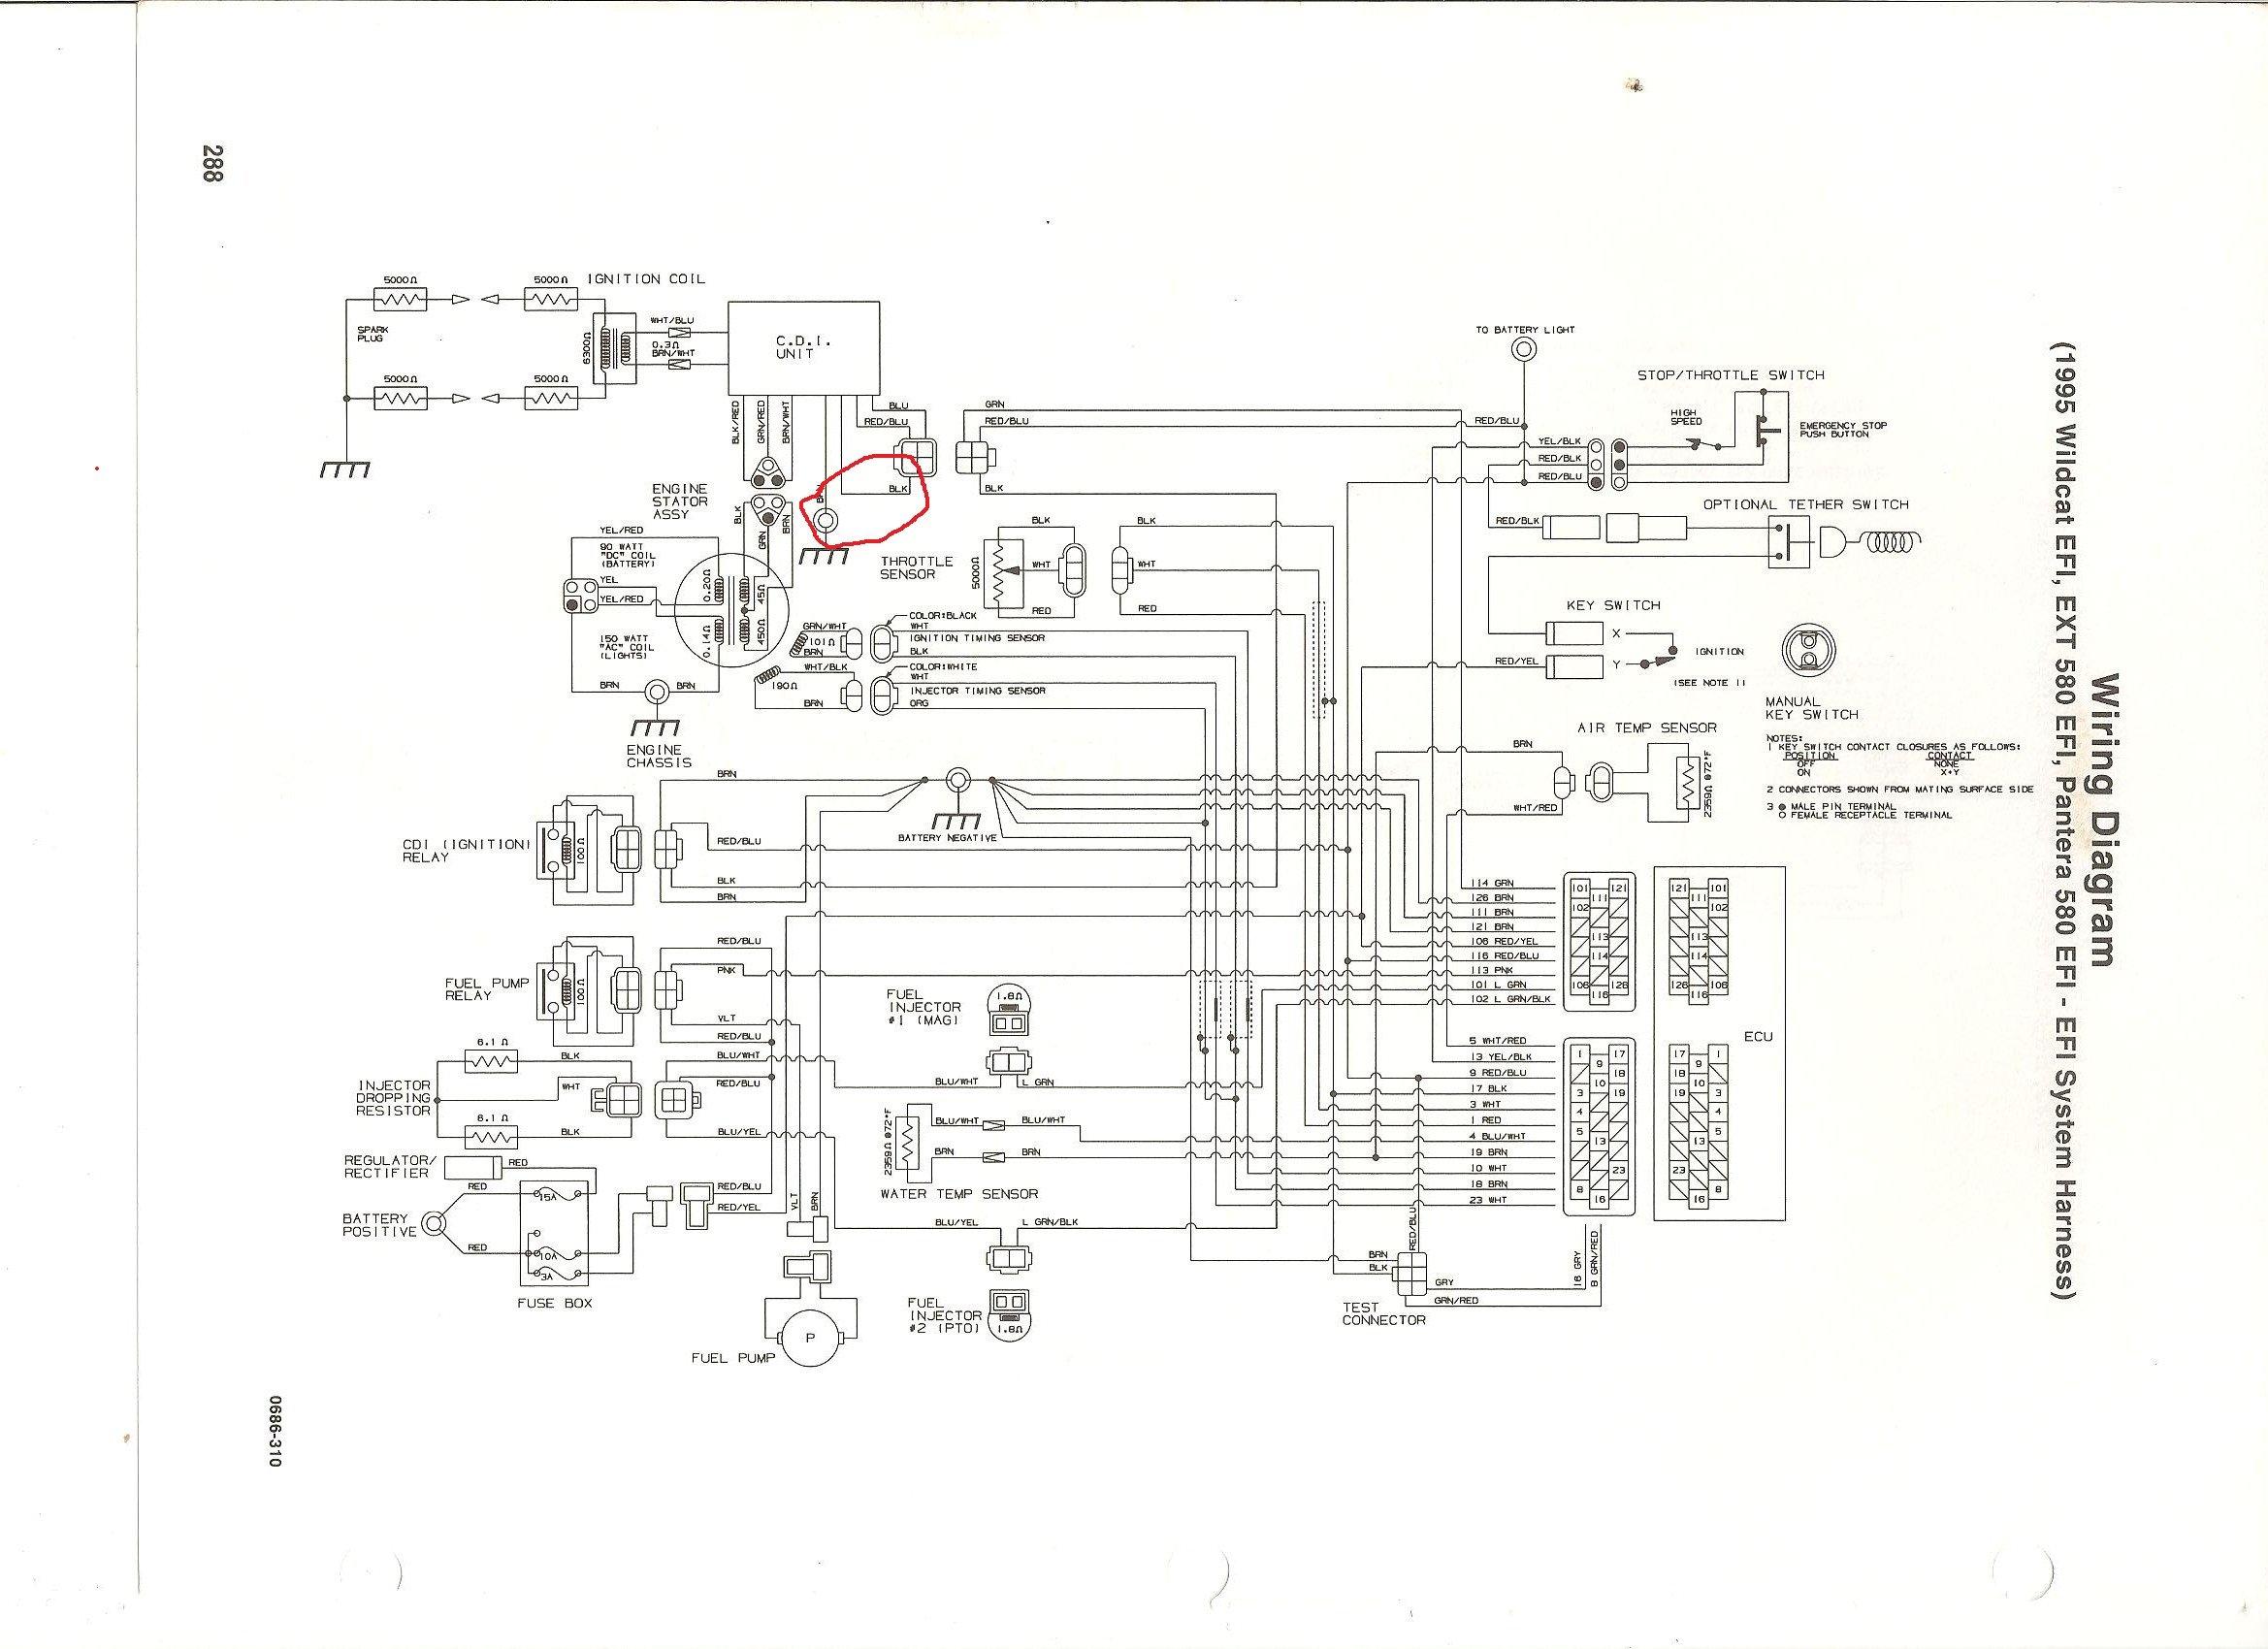 Polari Ranger 700 Xp Wiring Diagram